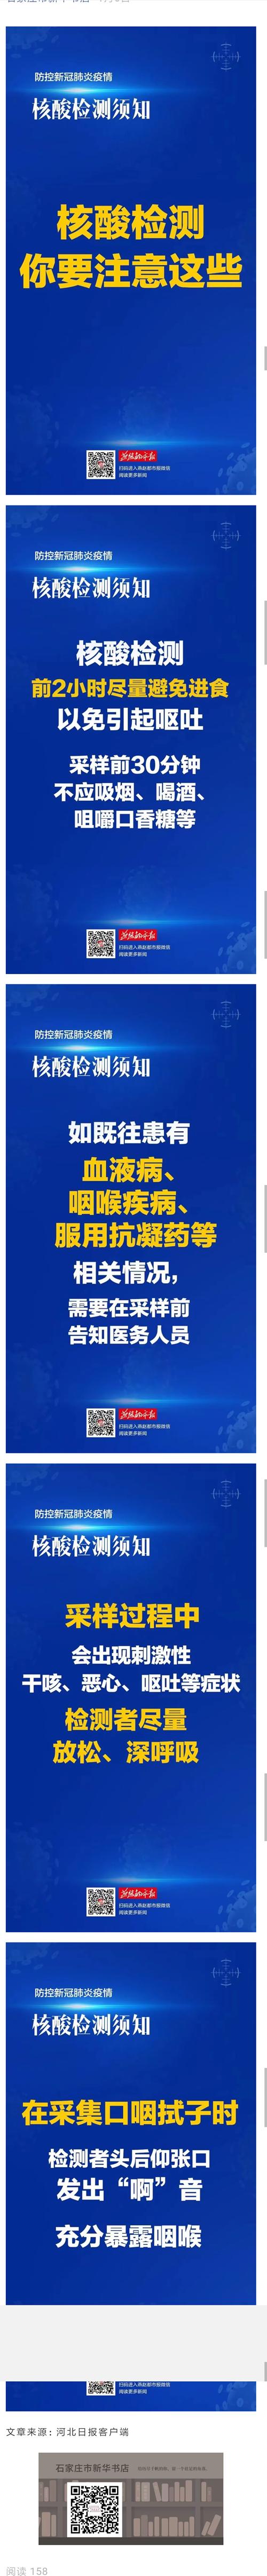 Screenshot_2021-02-23-14-47-59-947_com.tencent.mm_副本.png